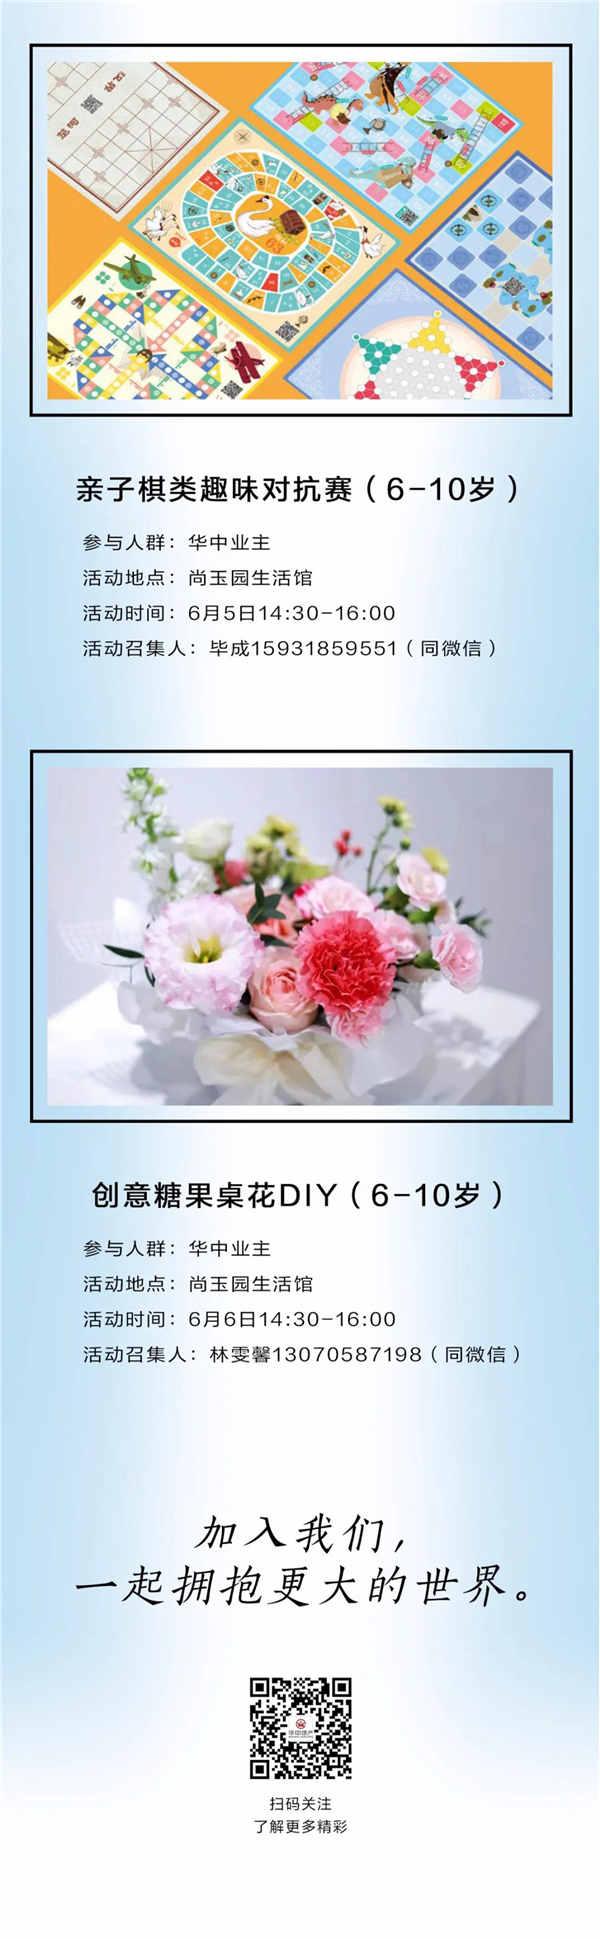 微信图片_20210531112853.jpg